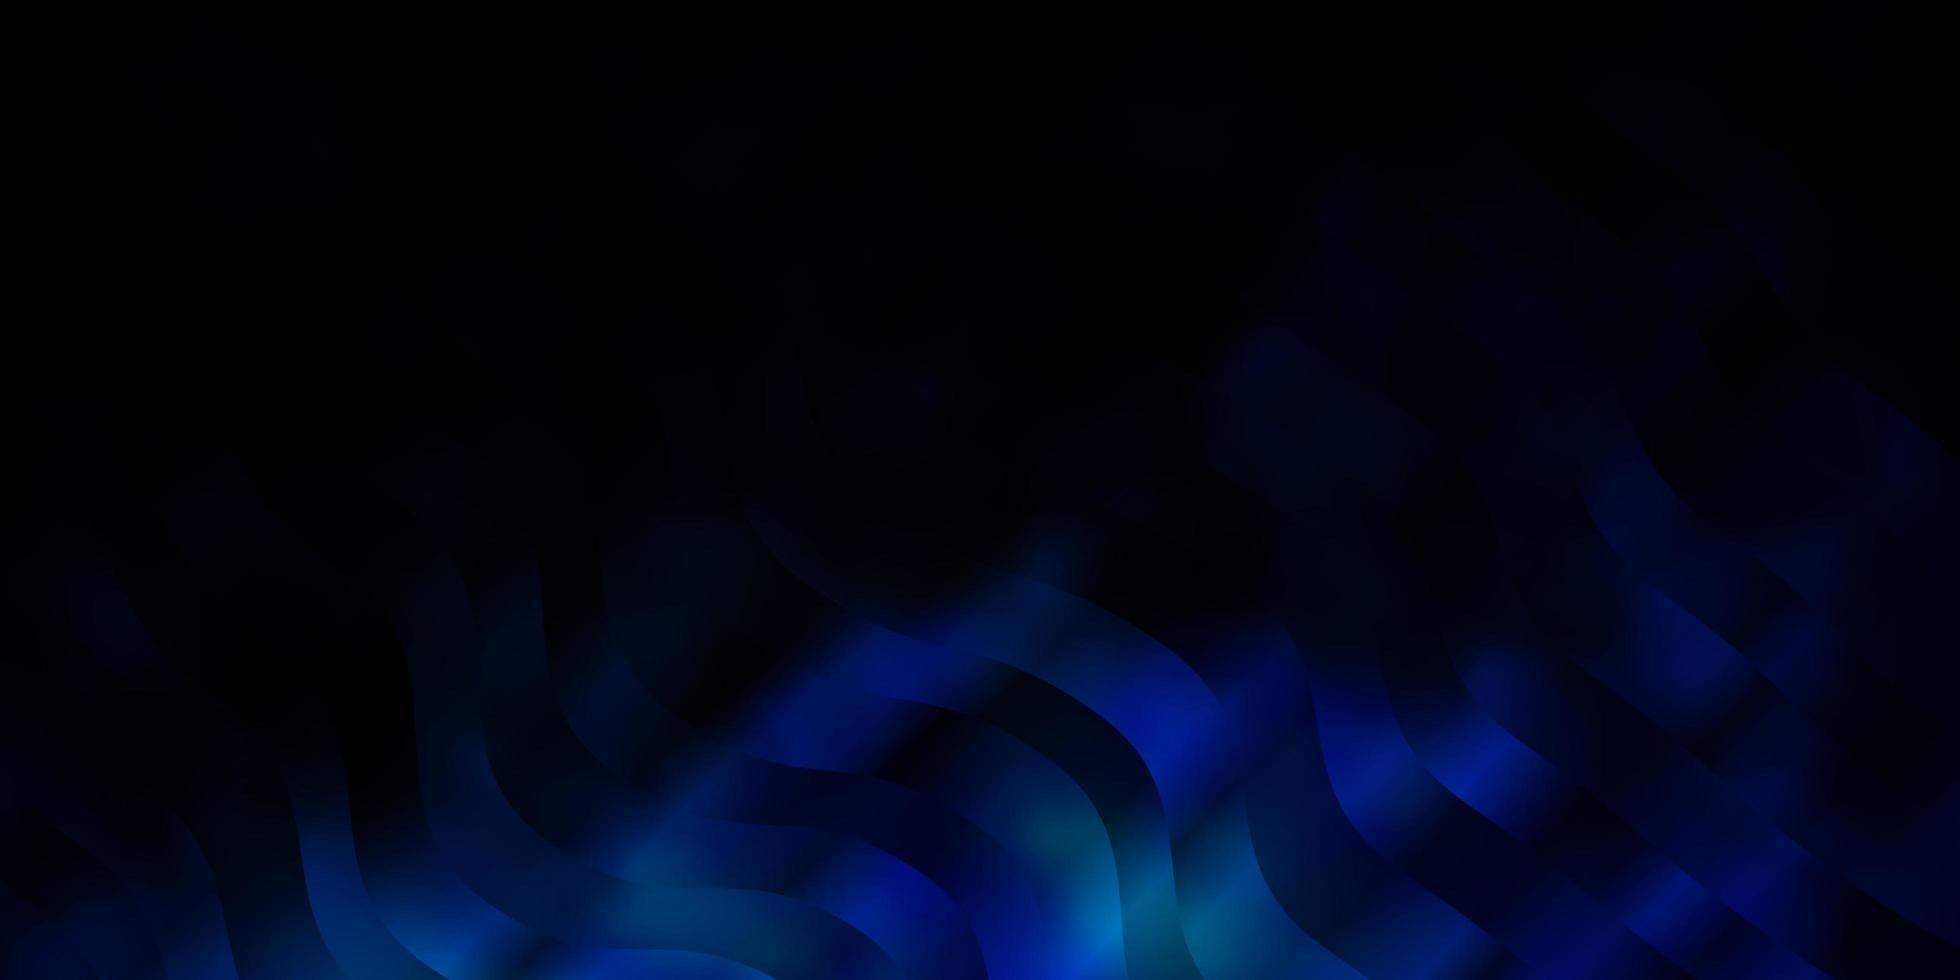 fundo azul escuro com linhas curvas. vetor